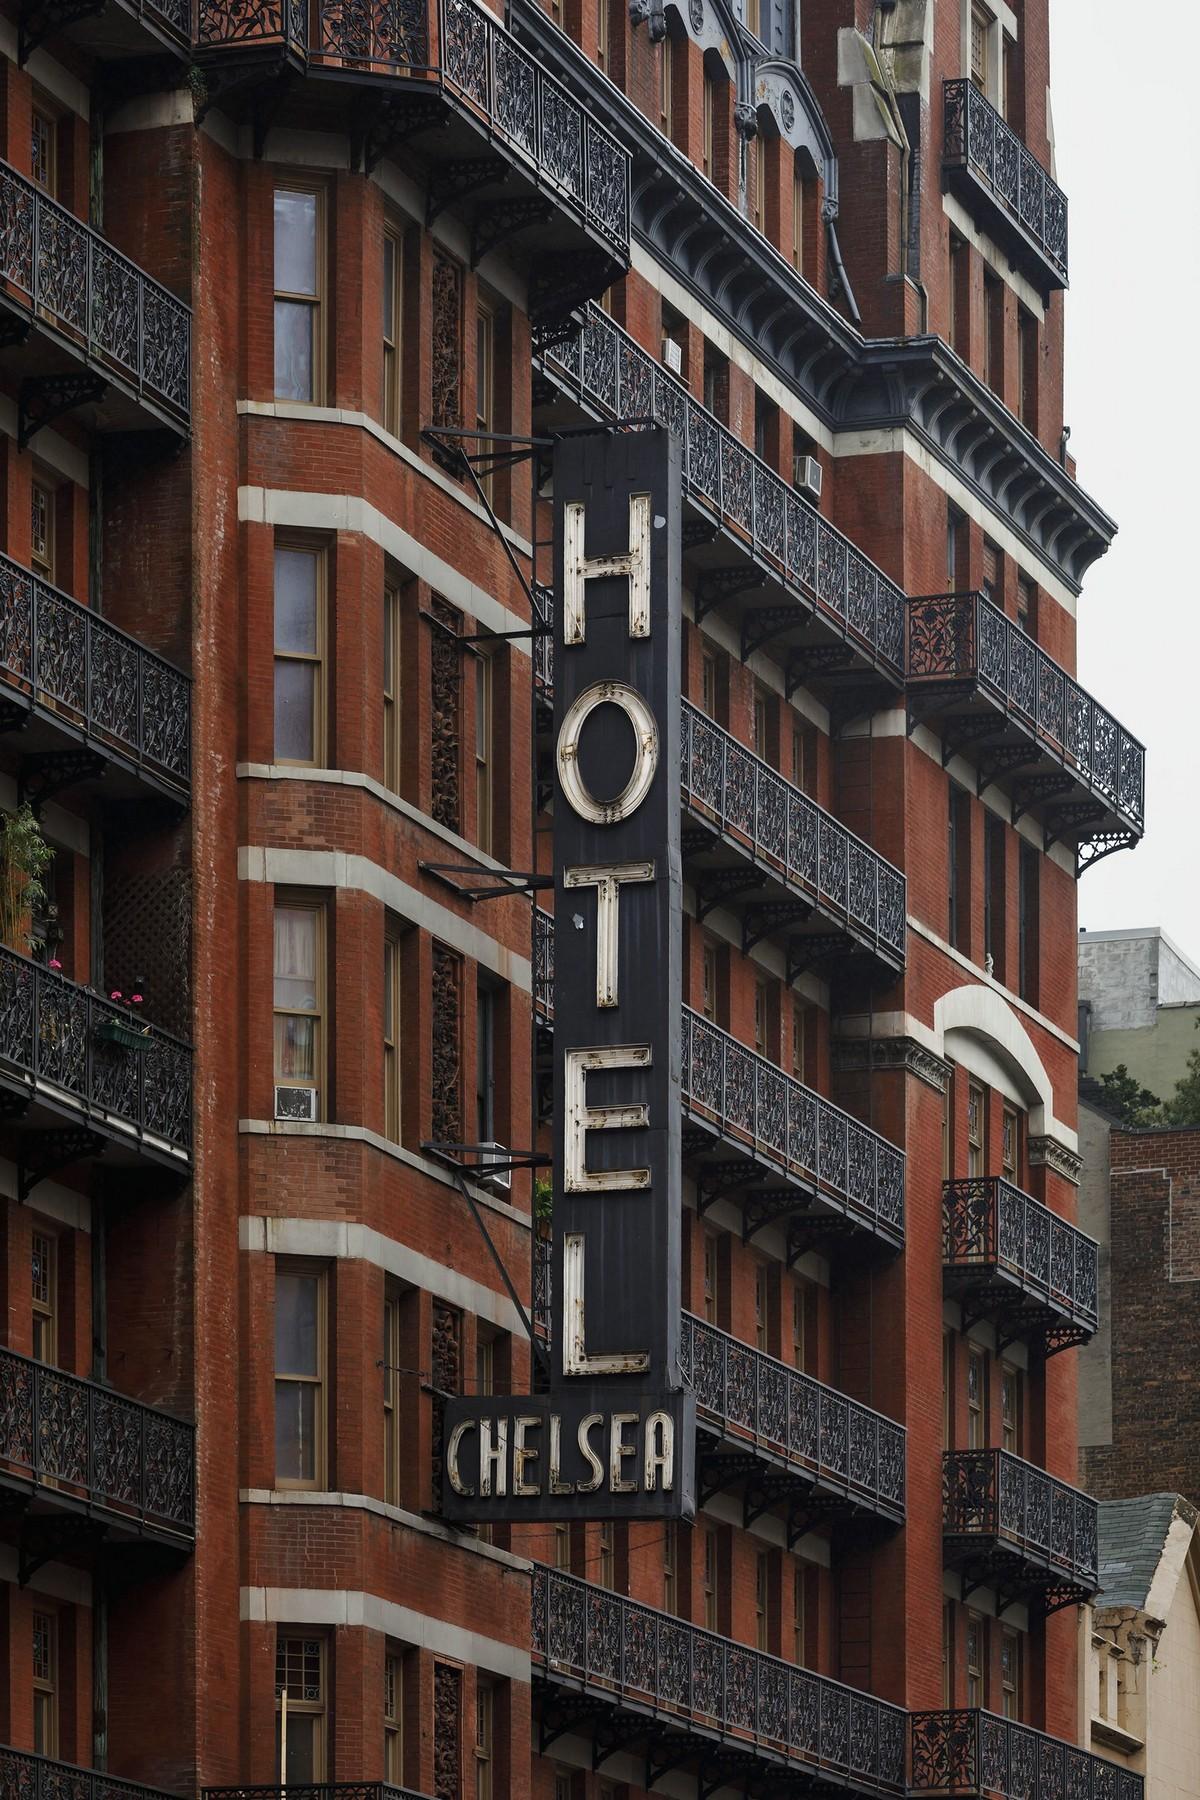 Легендарный отель \Челси\ — одно из последних мест, где тусовалась богема